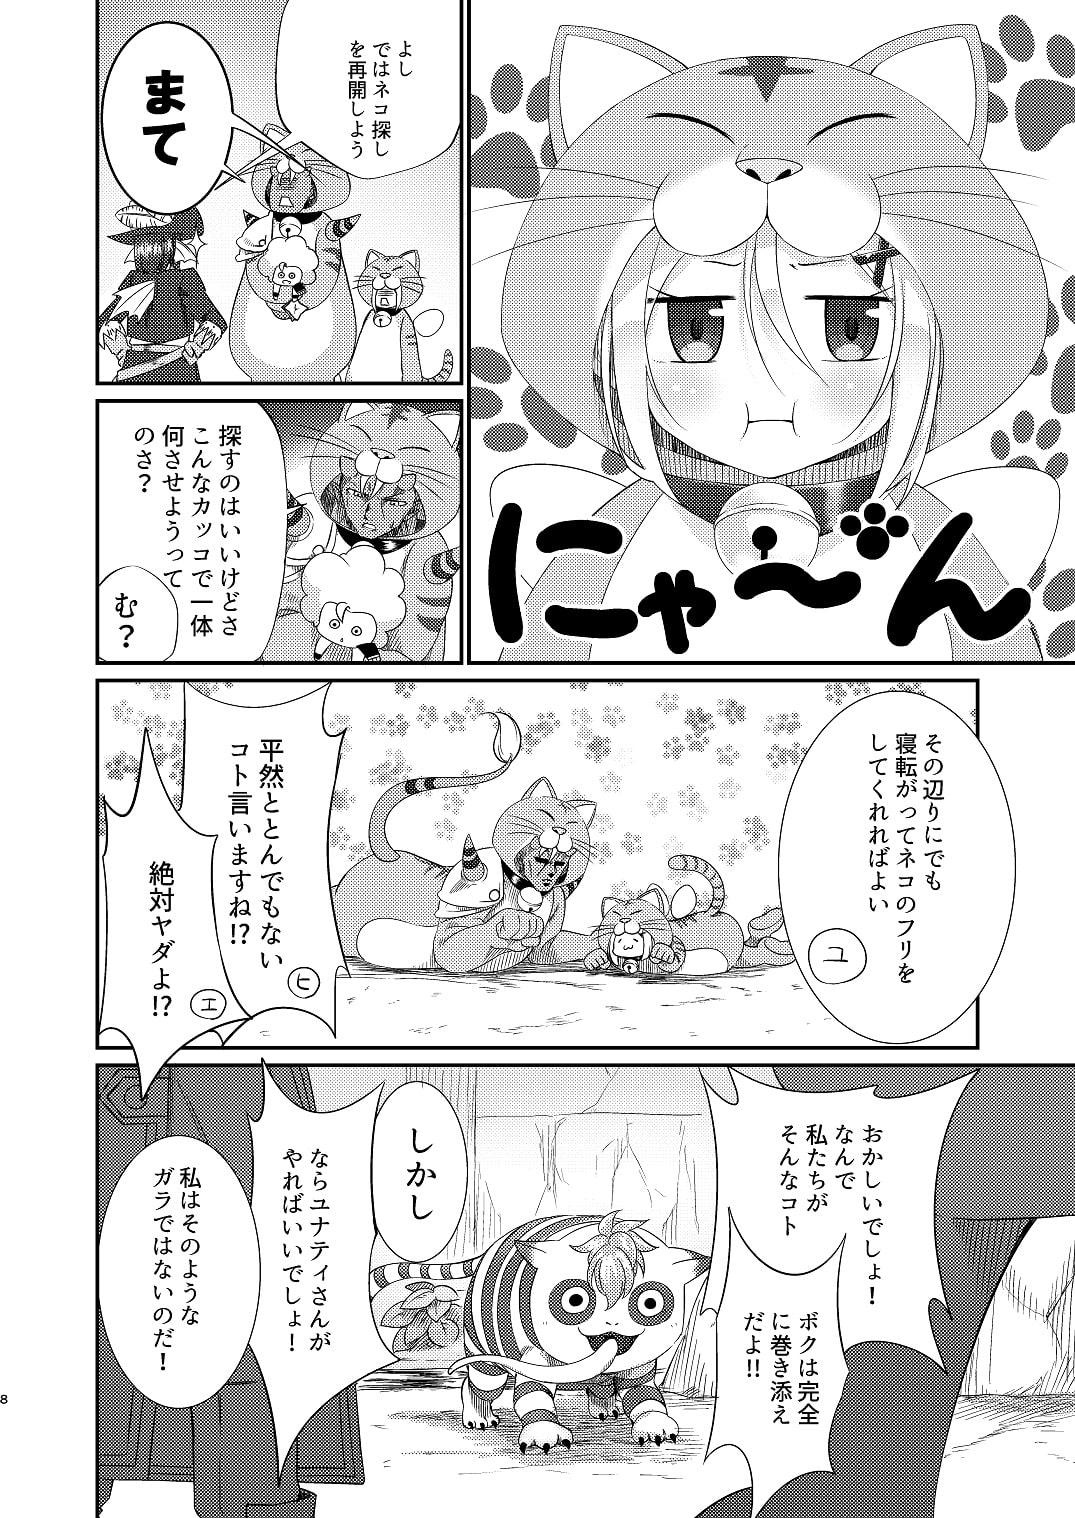 エックス君が手違いでえるおじに転生する本IV ~ヴェリナード編~